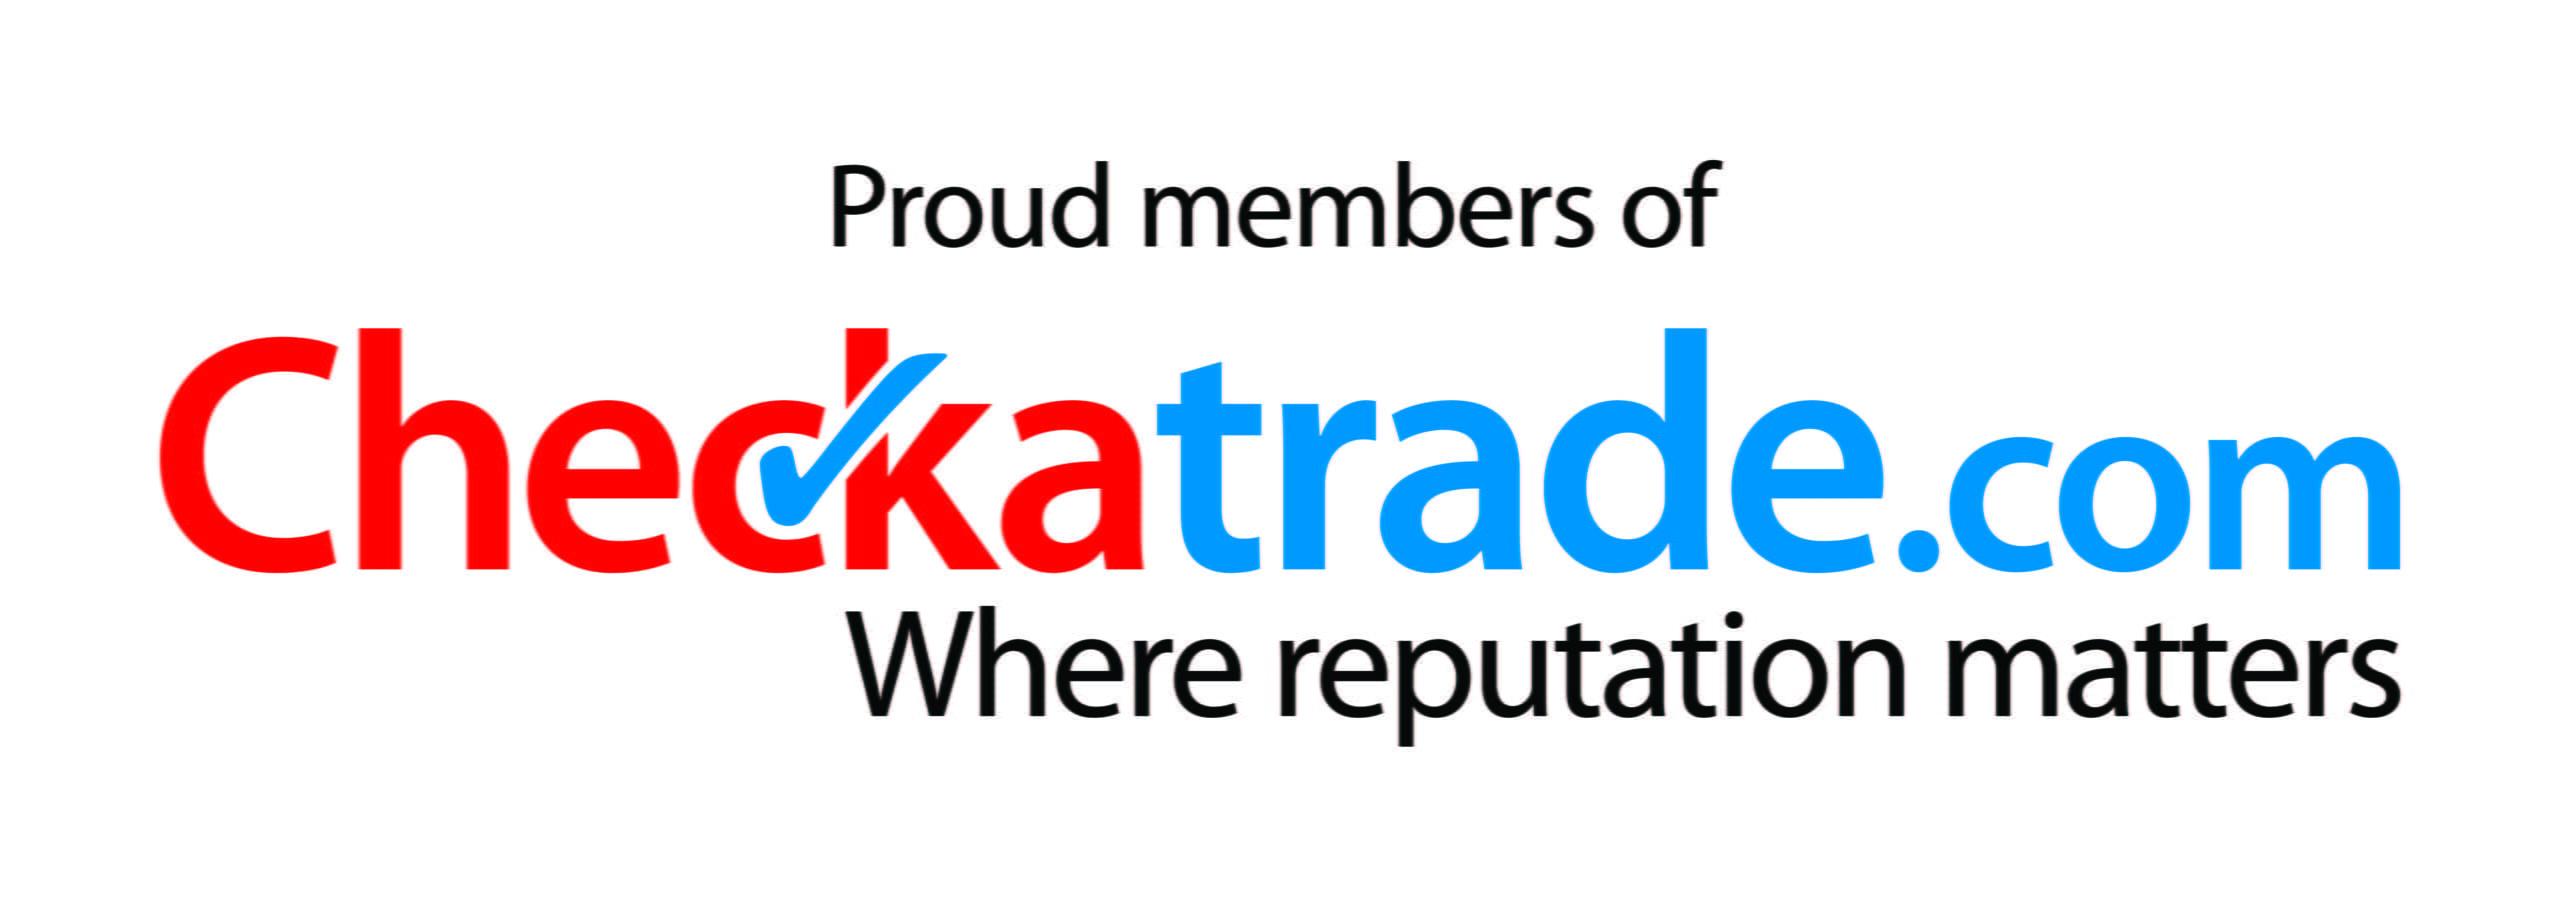 checkatrade web logo